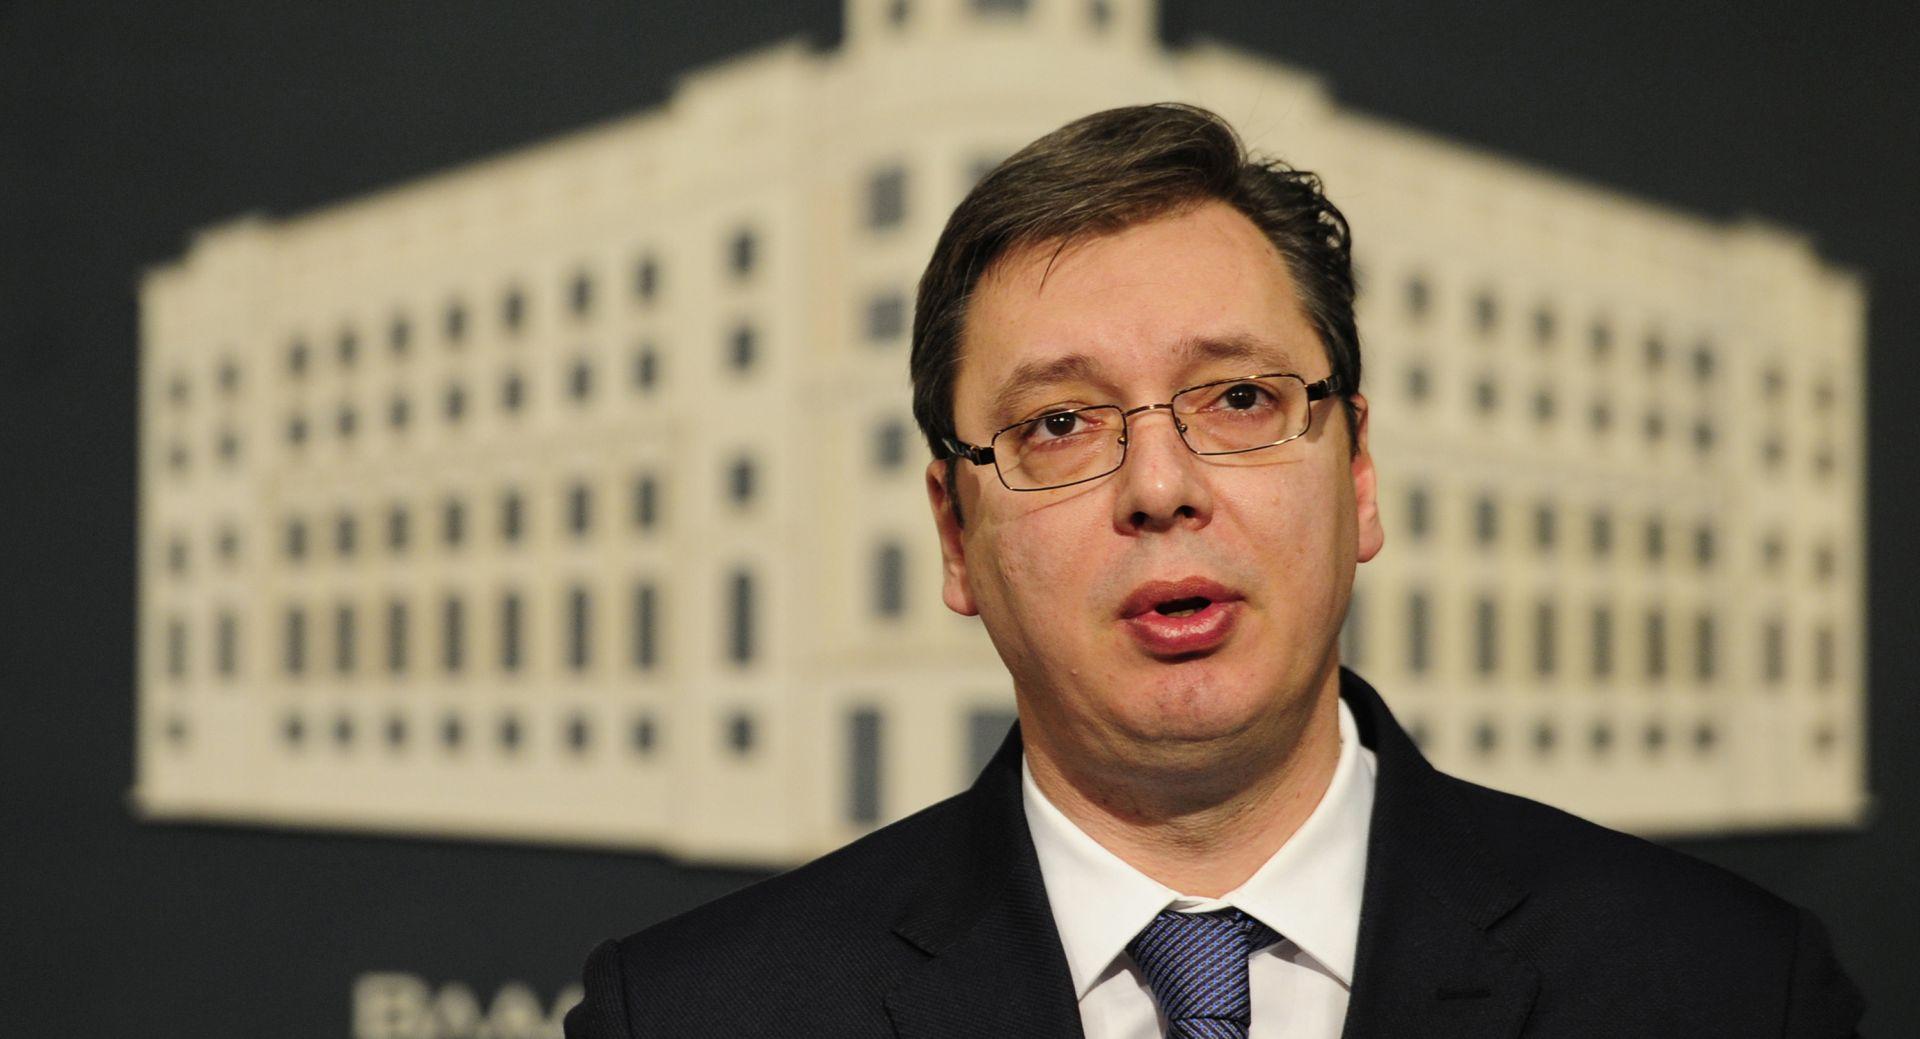 """HRVATSKA NIJE DALA SUGLASNOST ZA OTVARANJE POGLAVLJA 23 Vučić: """"Nećemo dozvoliti da nas Hrtvatska ucjenjuje"""""""